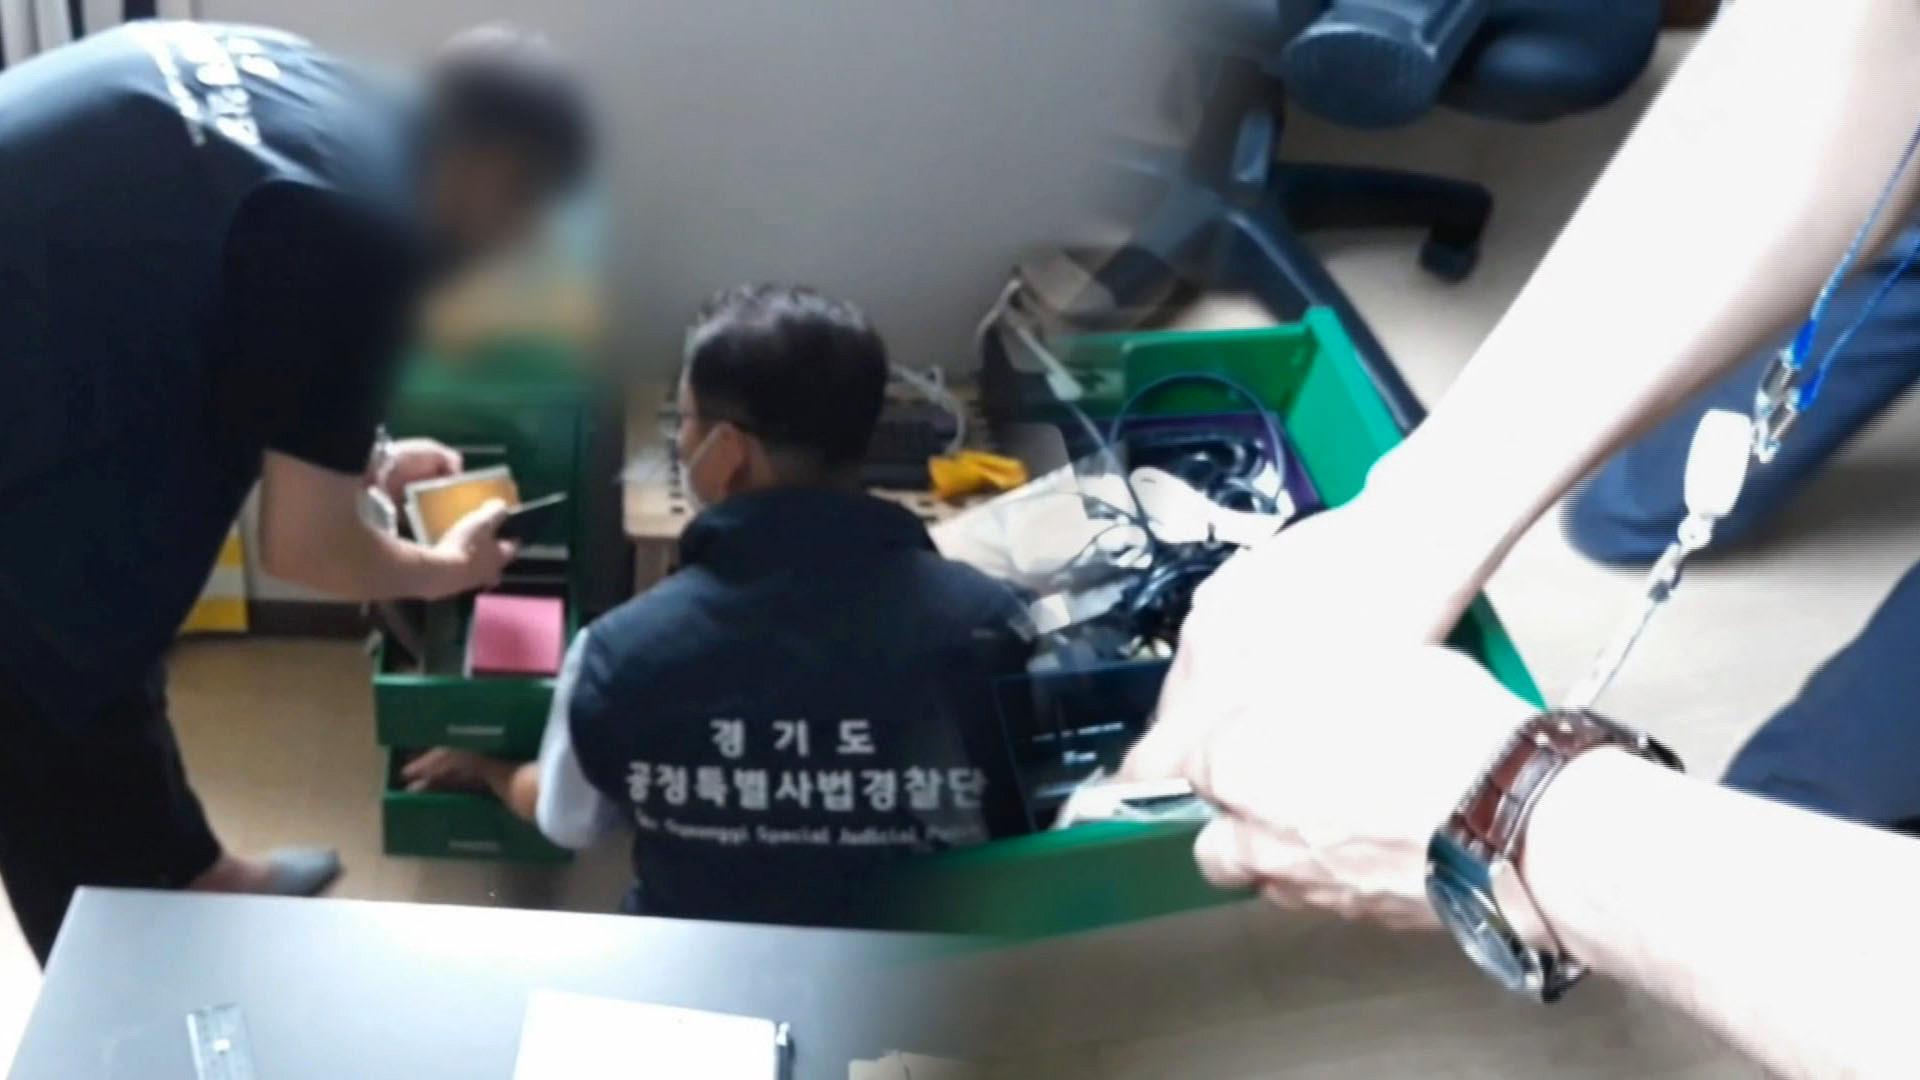 '연리 3,878%' 불법 사채업자 일당 무더기 검거